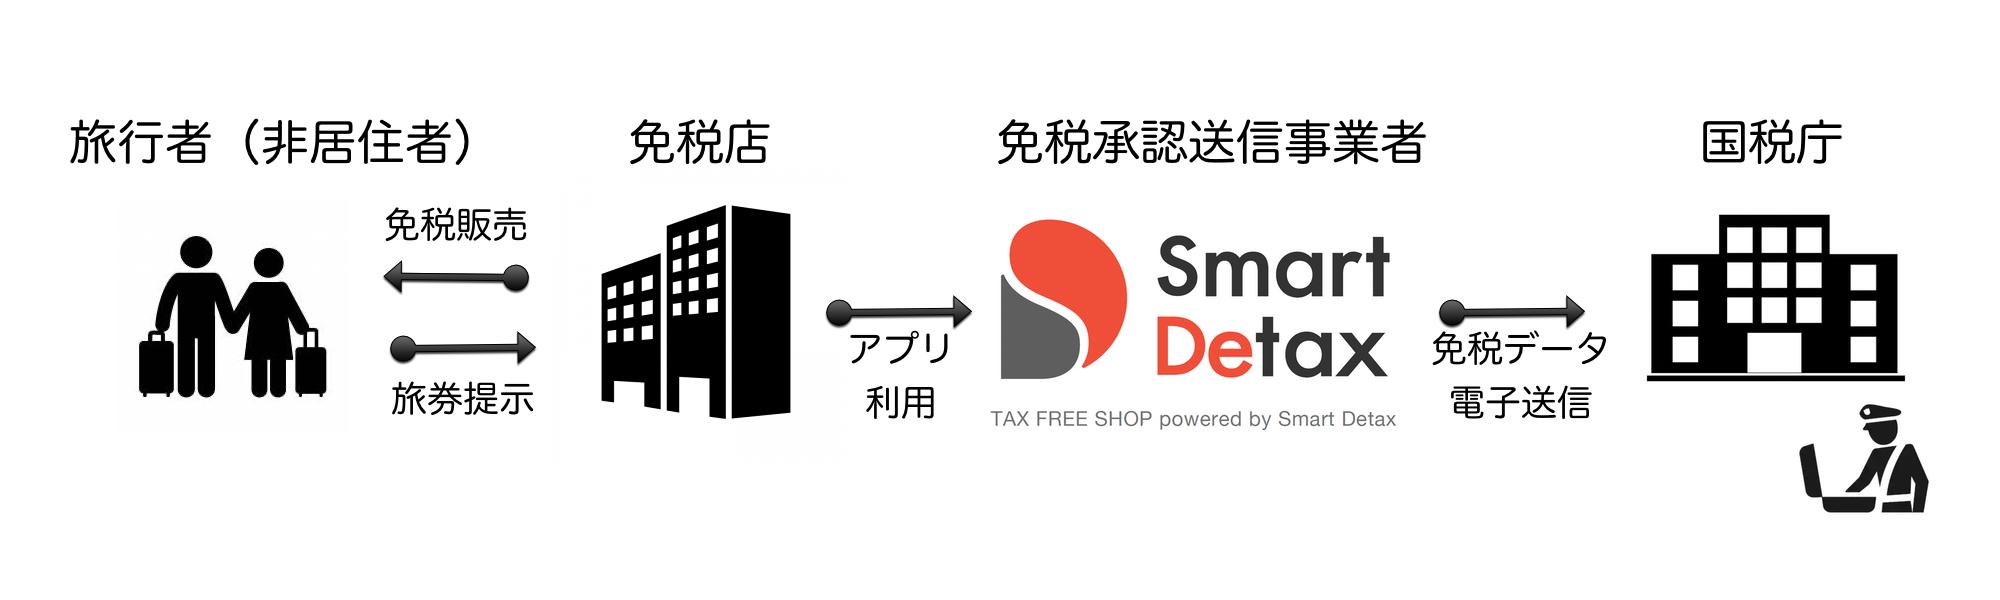 免税承認送信事業者による免税データ送信イメージ